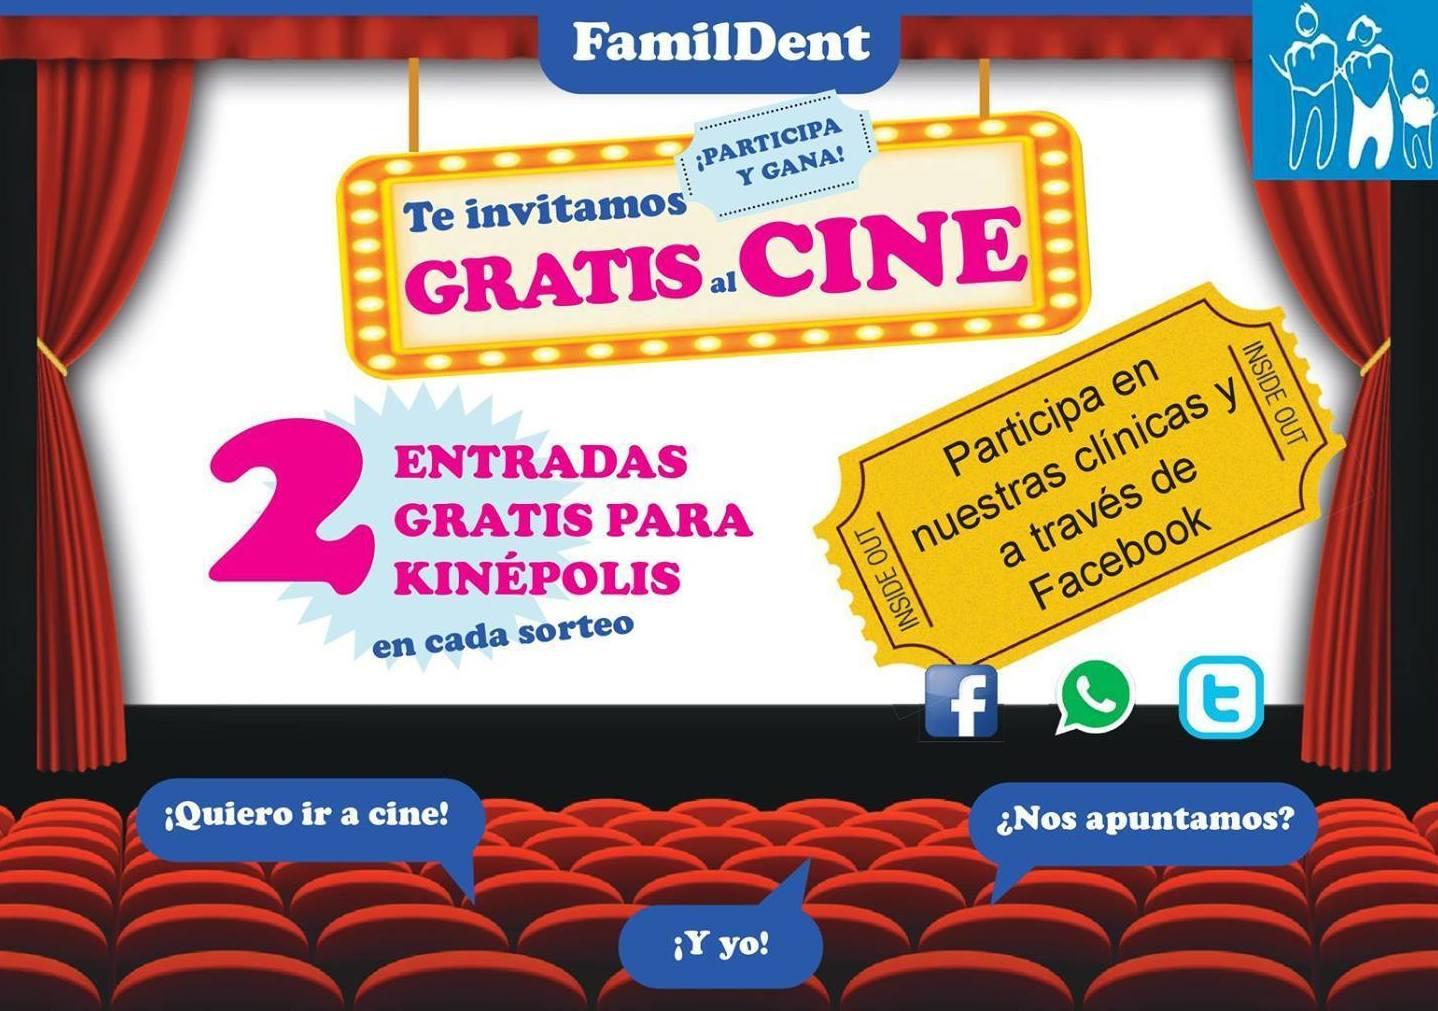 Foto 2 de Clínicas dentales en Valencia | Centro de Salud Dental FamilDent